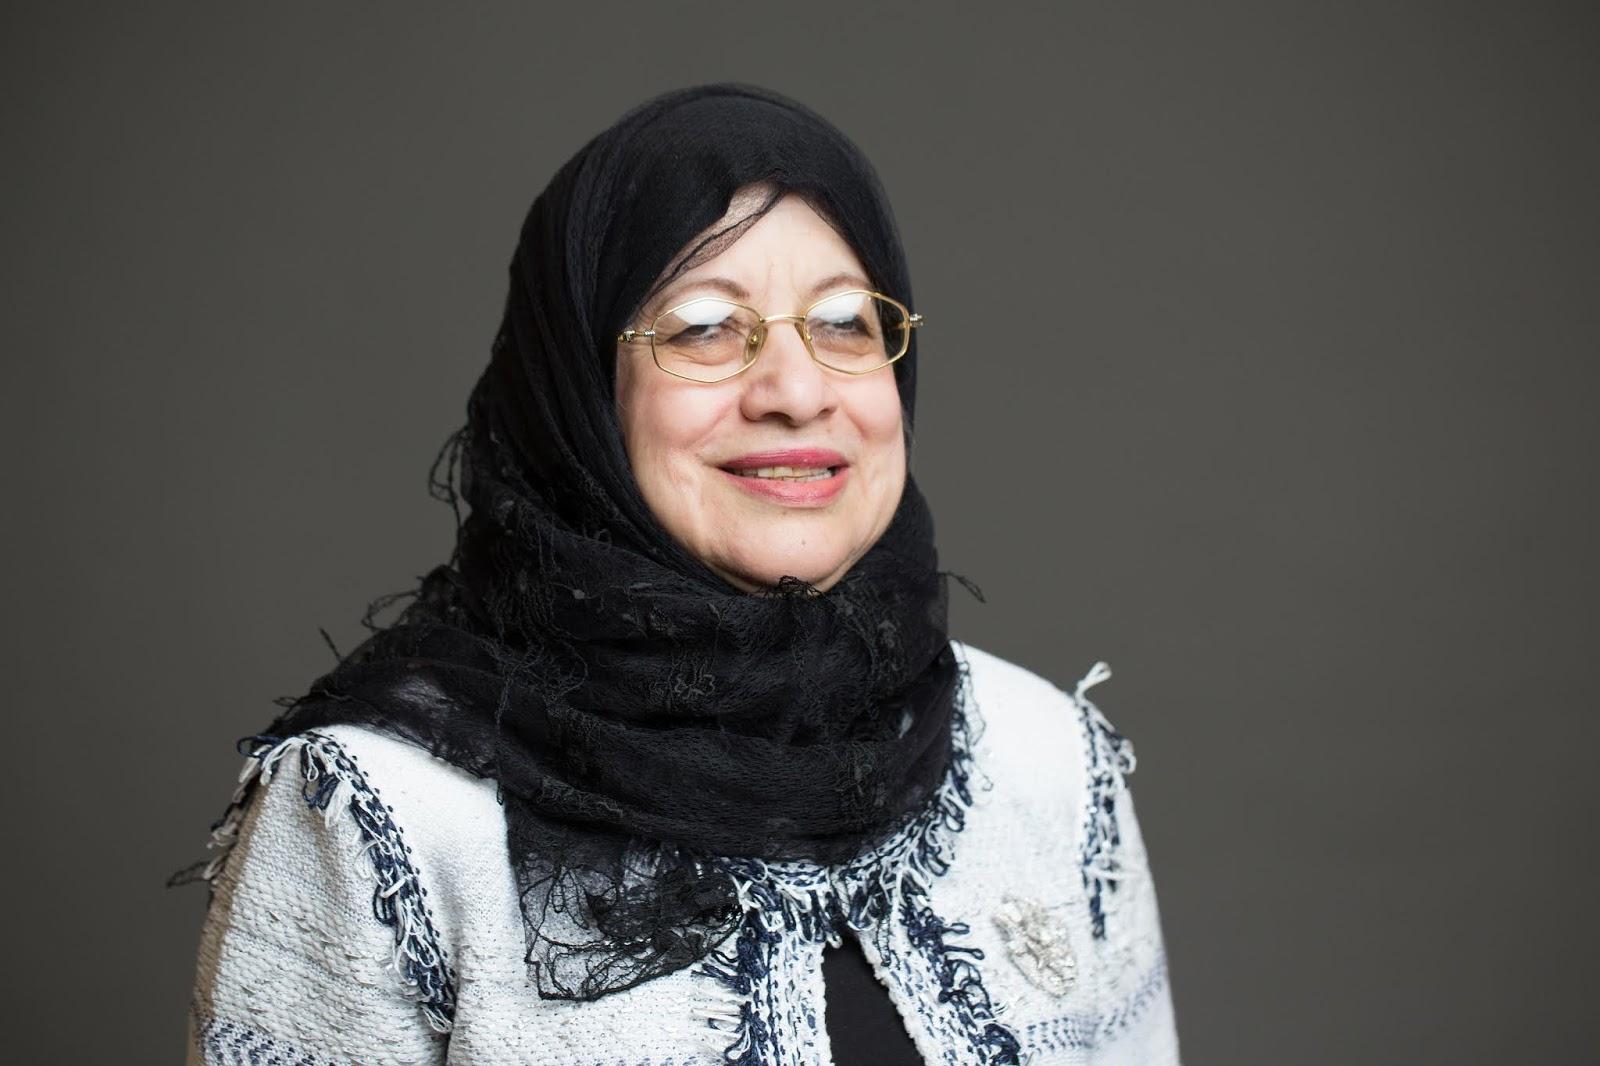 كلمة الدكتورة سهيلة زين العابدين في الجلسة التي رأستها لتكريم الدكتورة بنت الشاطئ